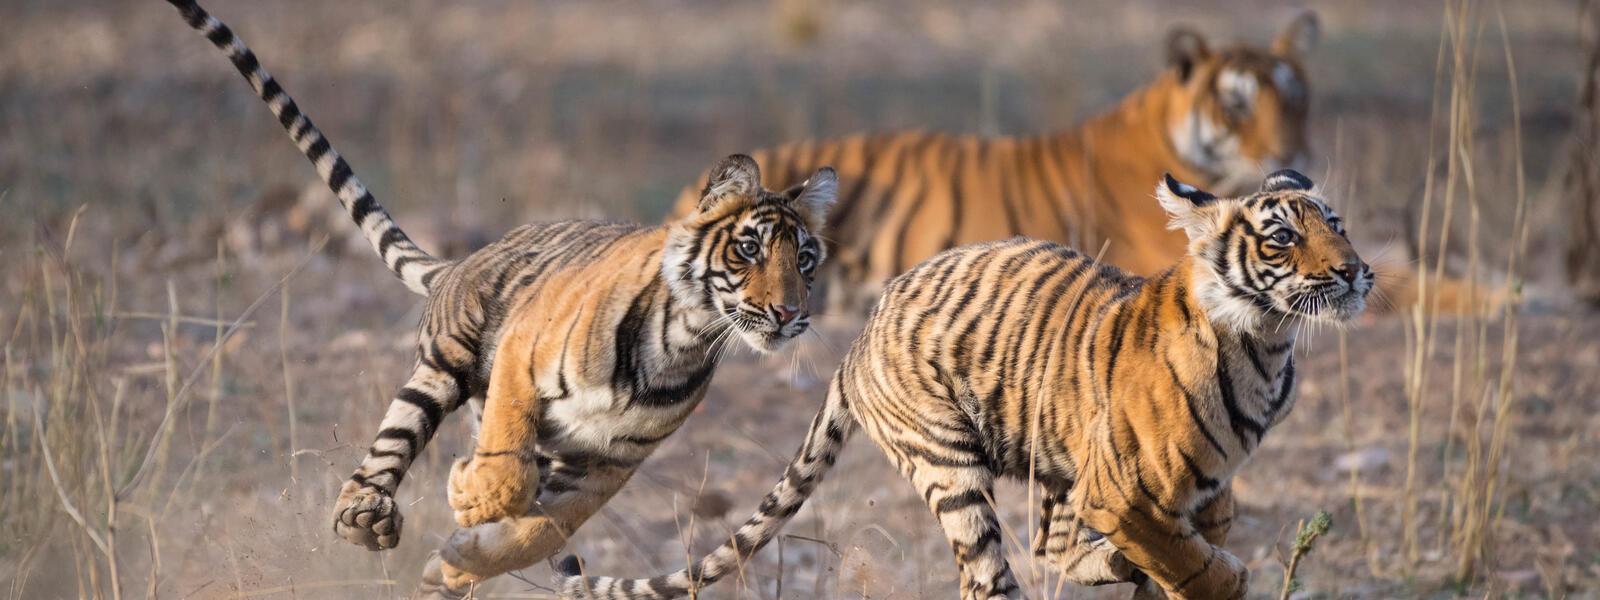 Tiger cubs at play, Ranthambore Tiger Reserve, India